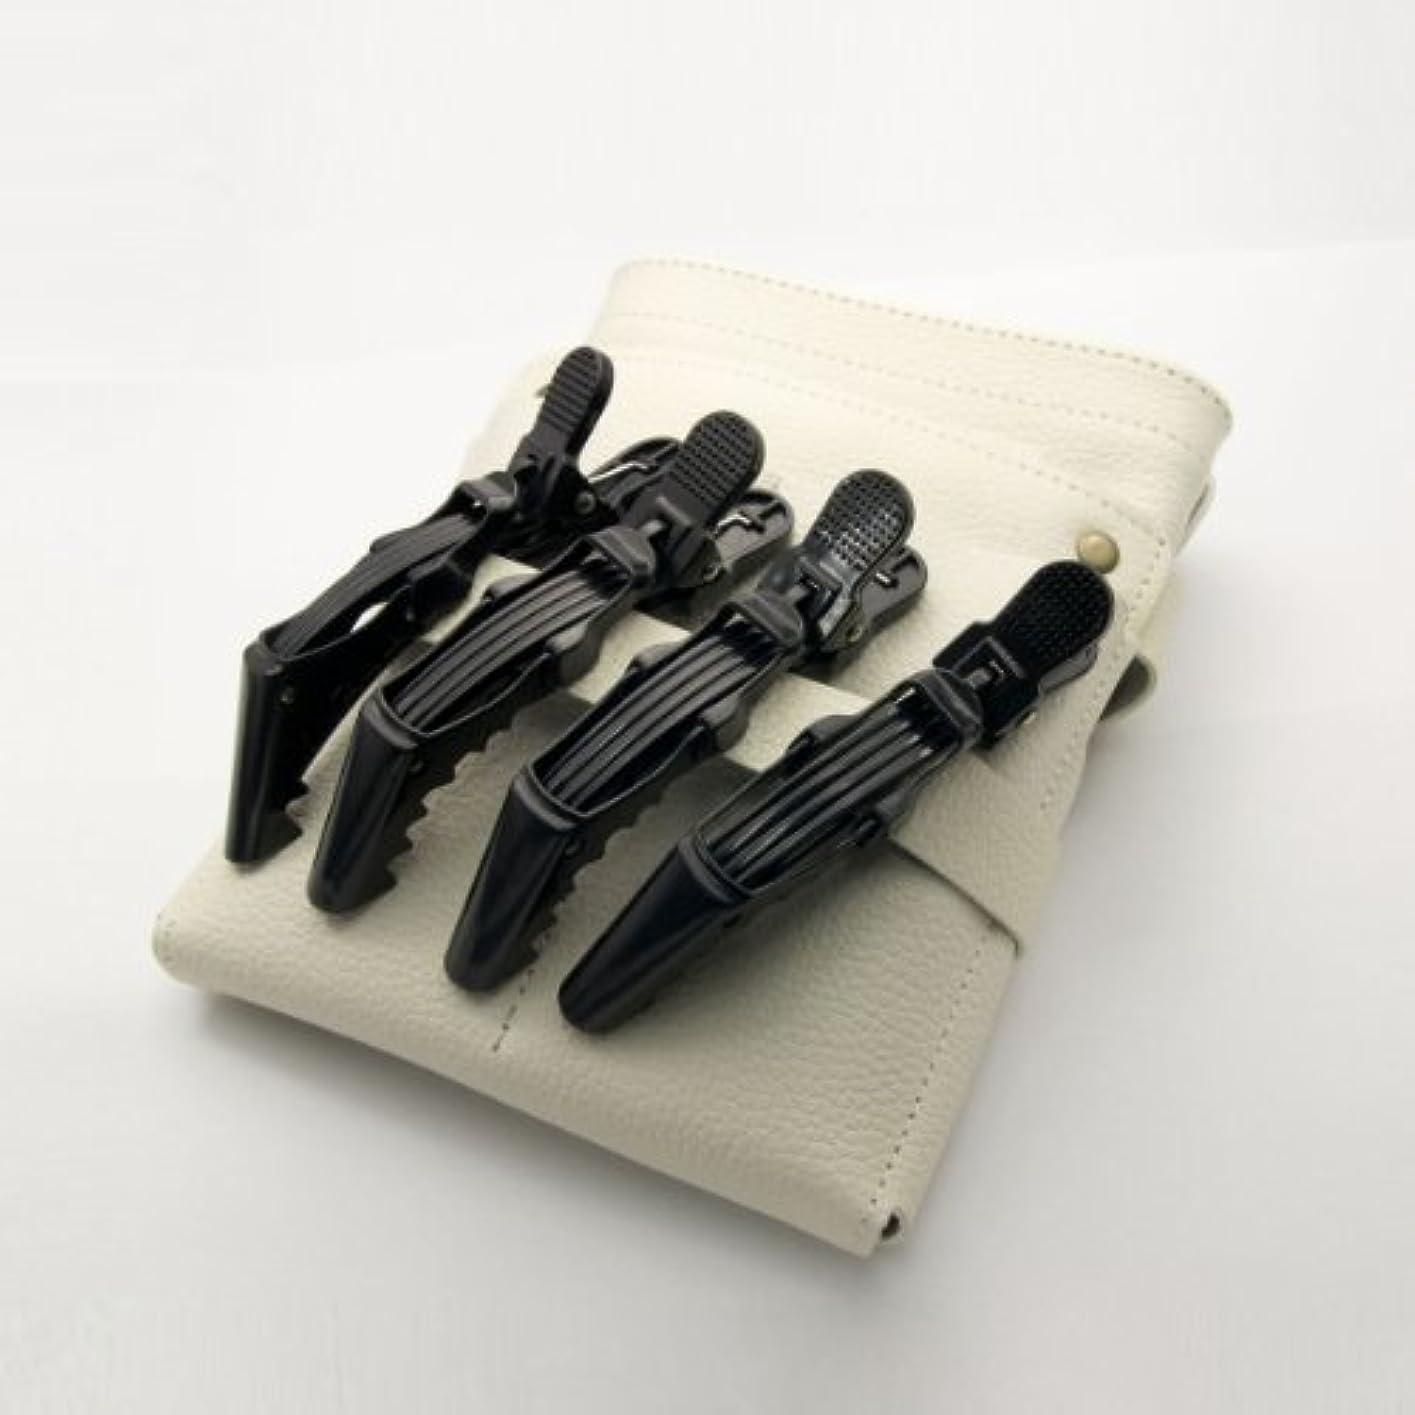 コミュニティワイヤー想定DEEDS C-0010 プロ用 ワニクリップ ブラック 美容 クリップピン 黒 ヘアクリップ 美容小物